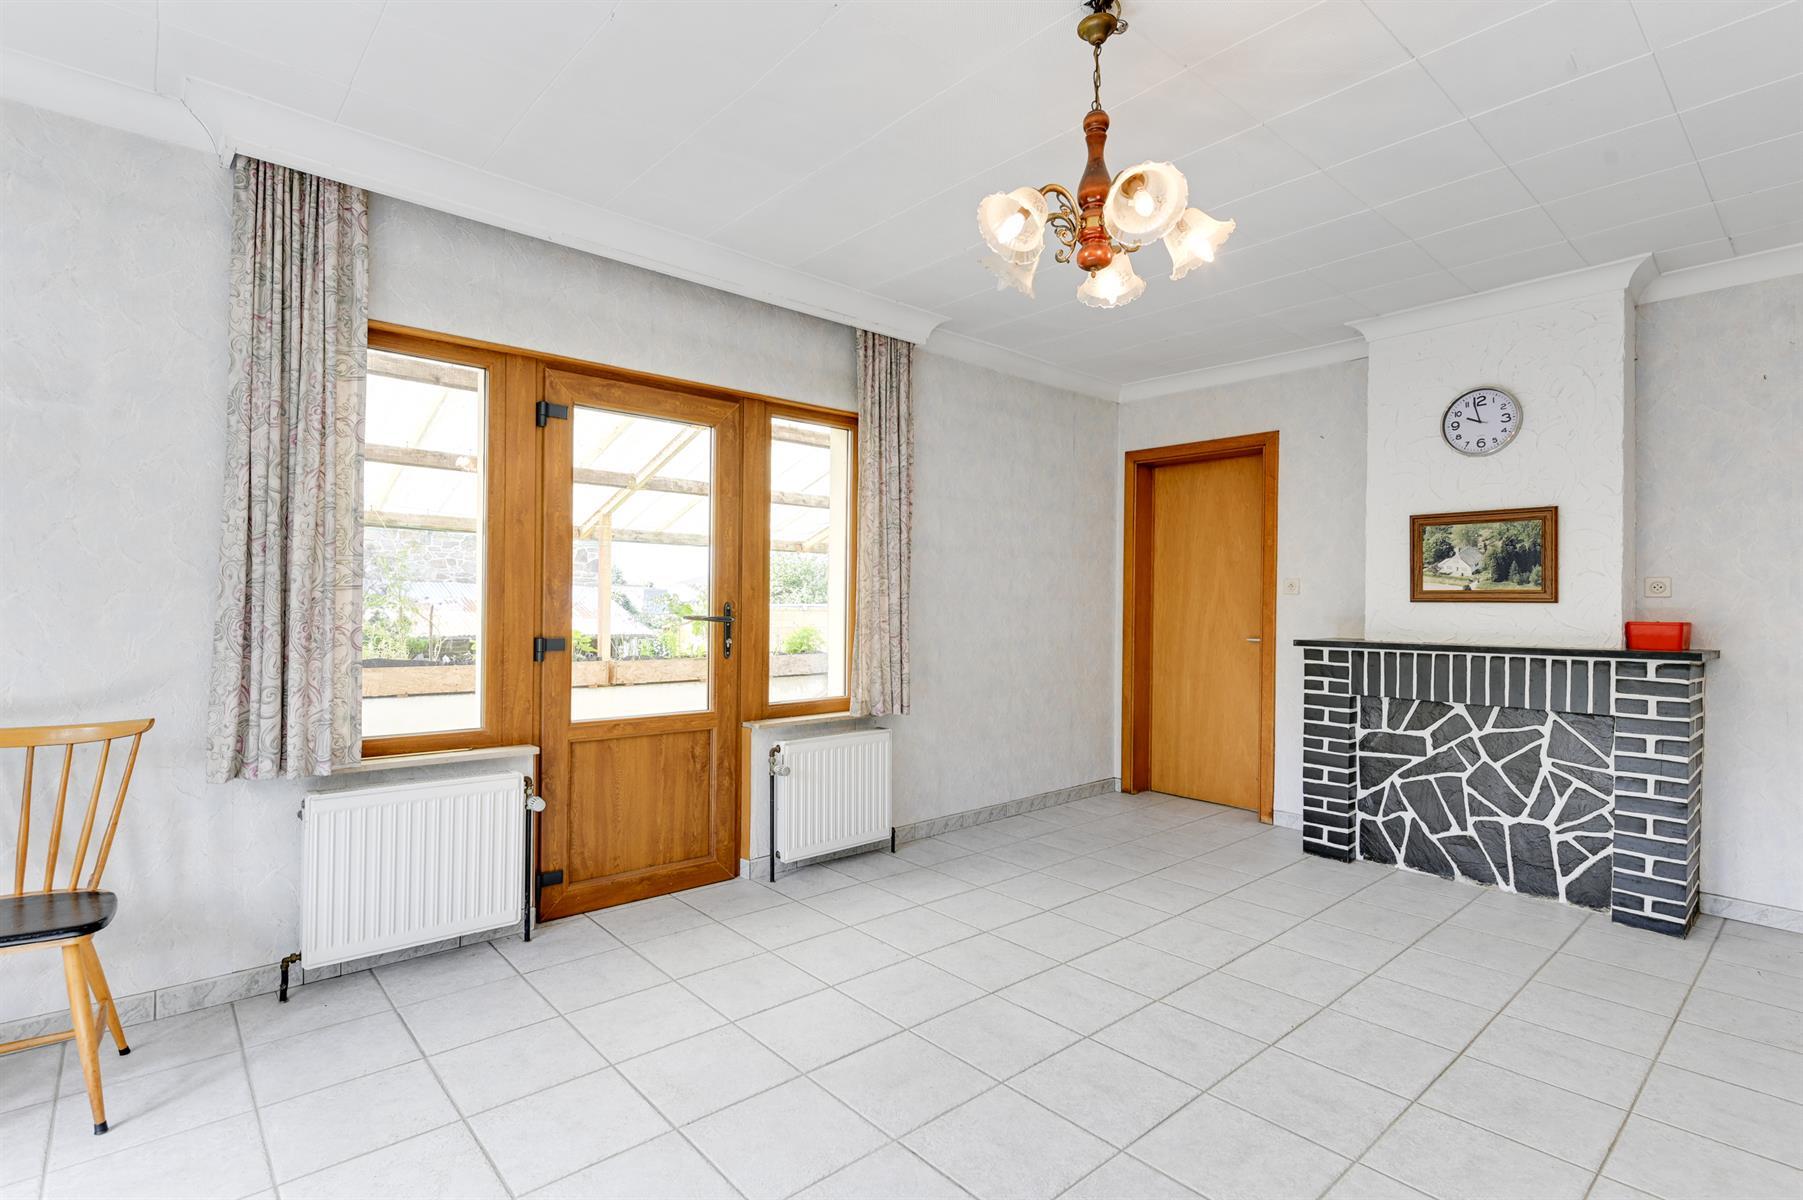 Maison - Bouillon - #4095837-6